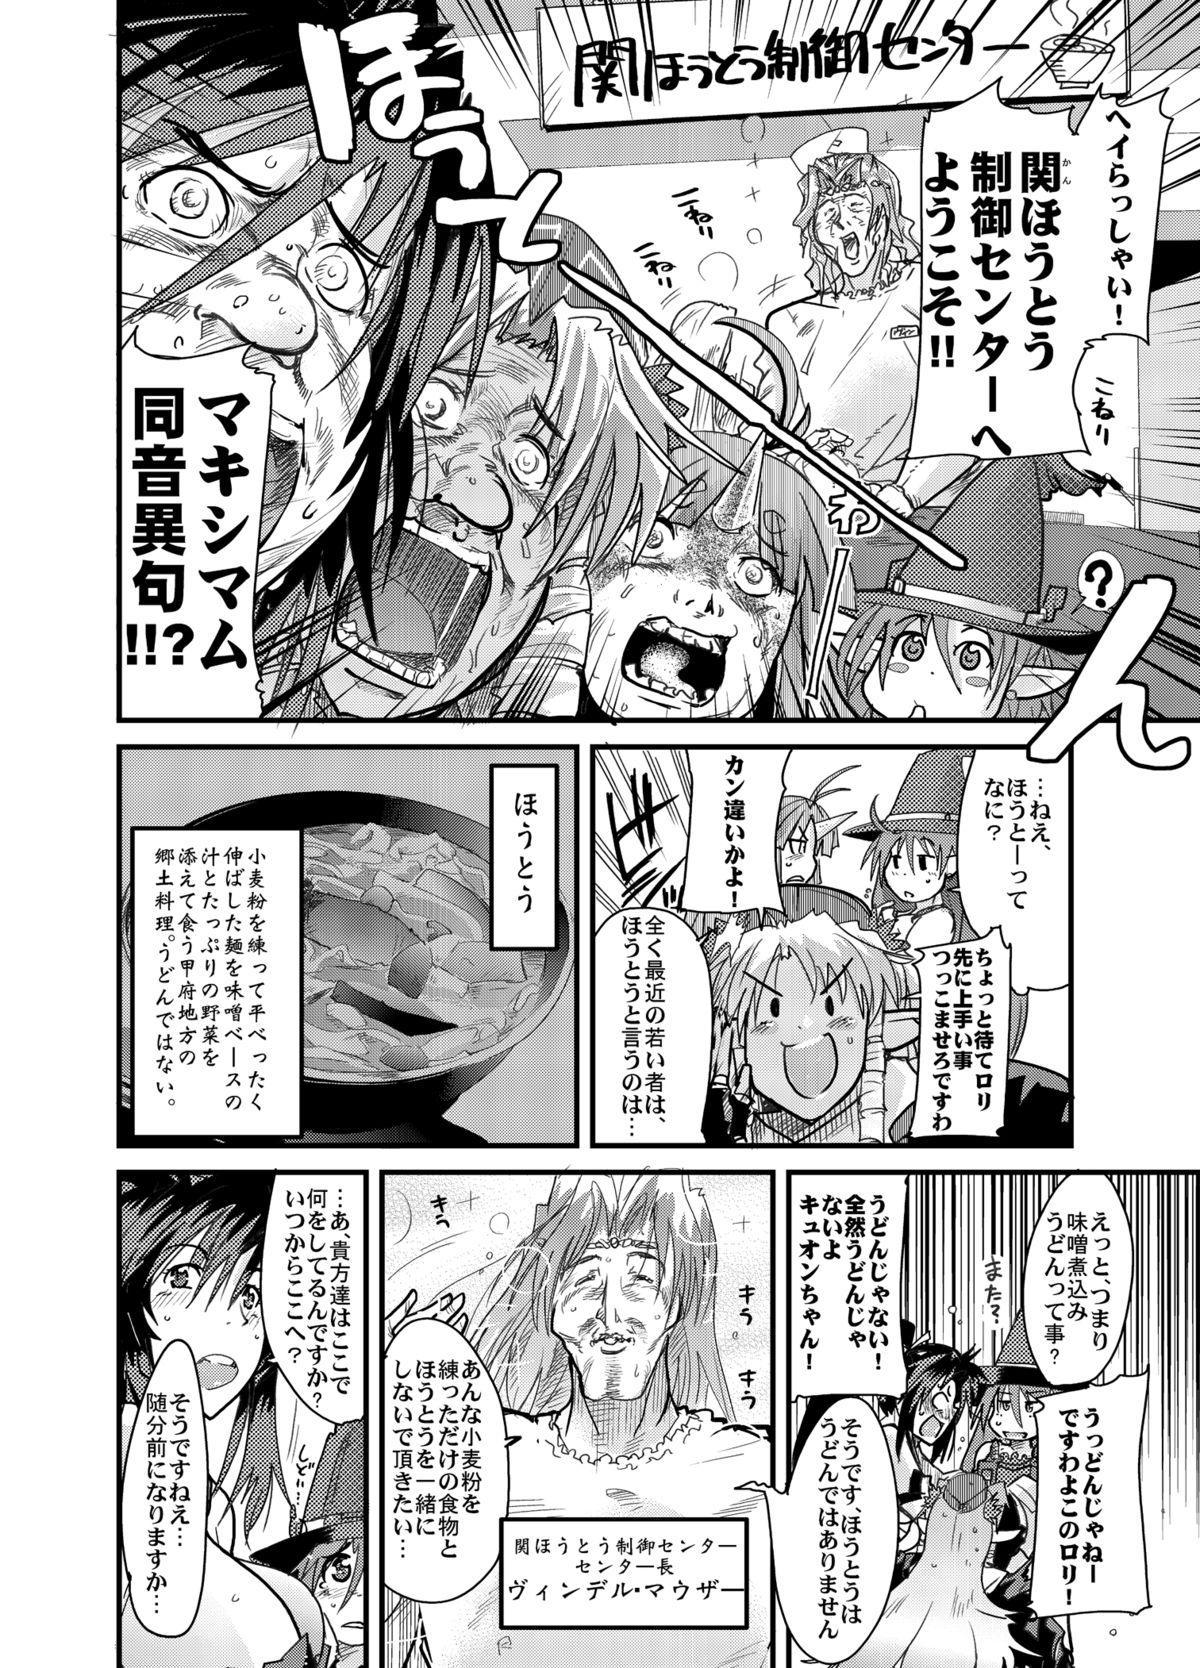 Boku no Watashi no Mugen no Super Bobobbo Taisen Frontier 4